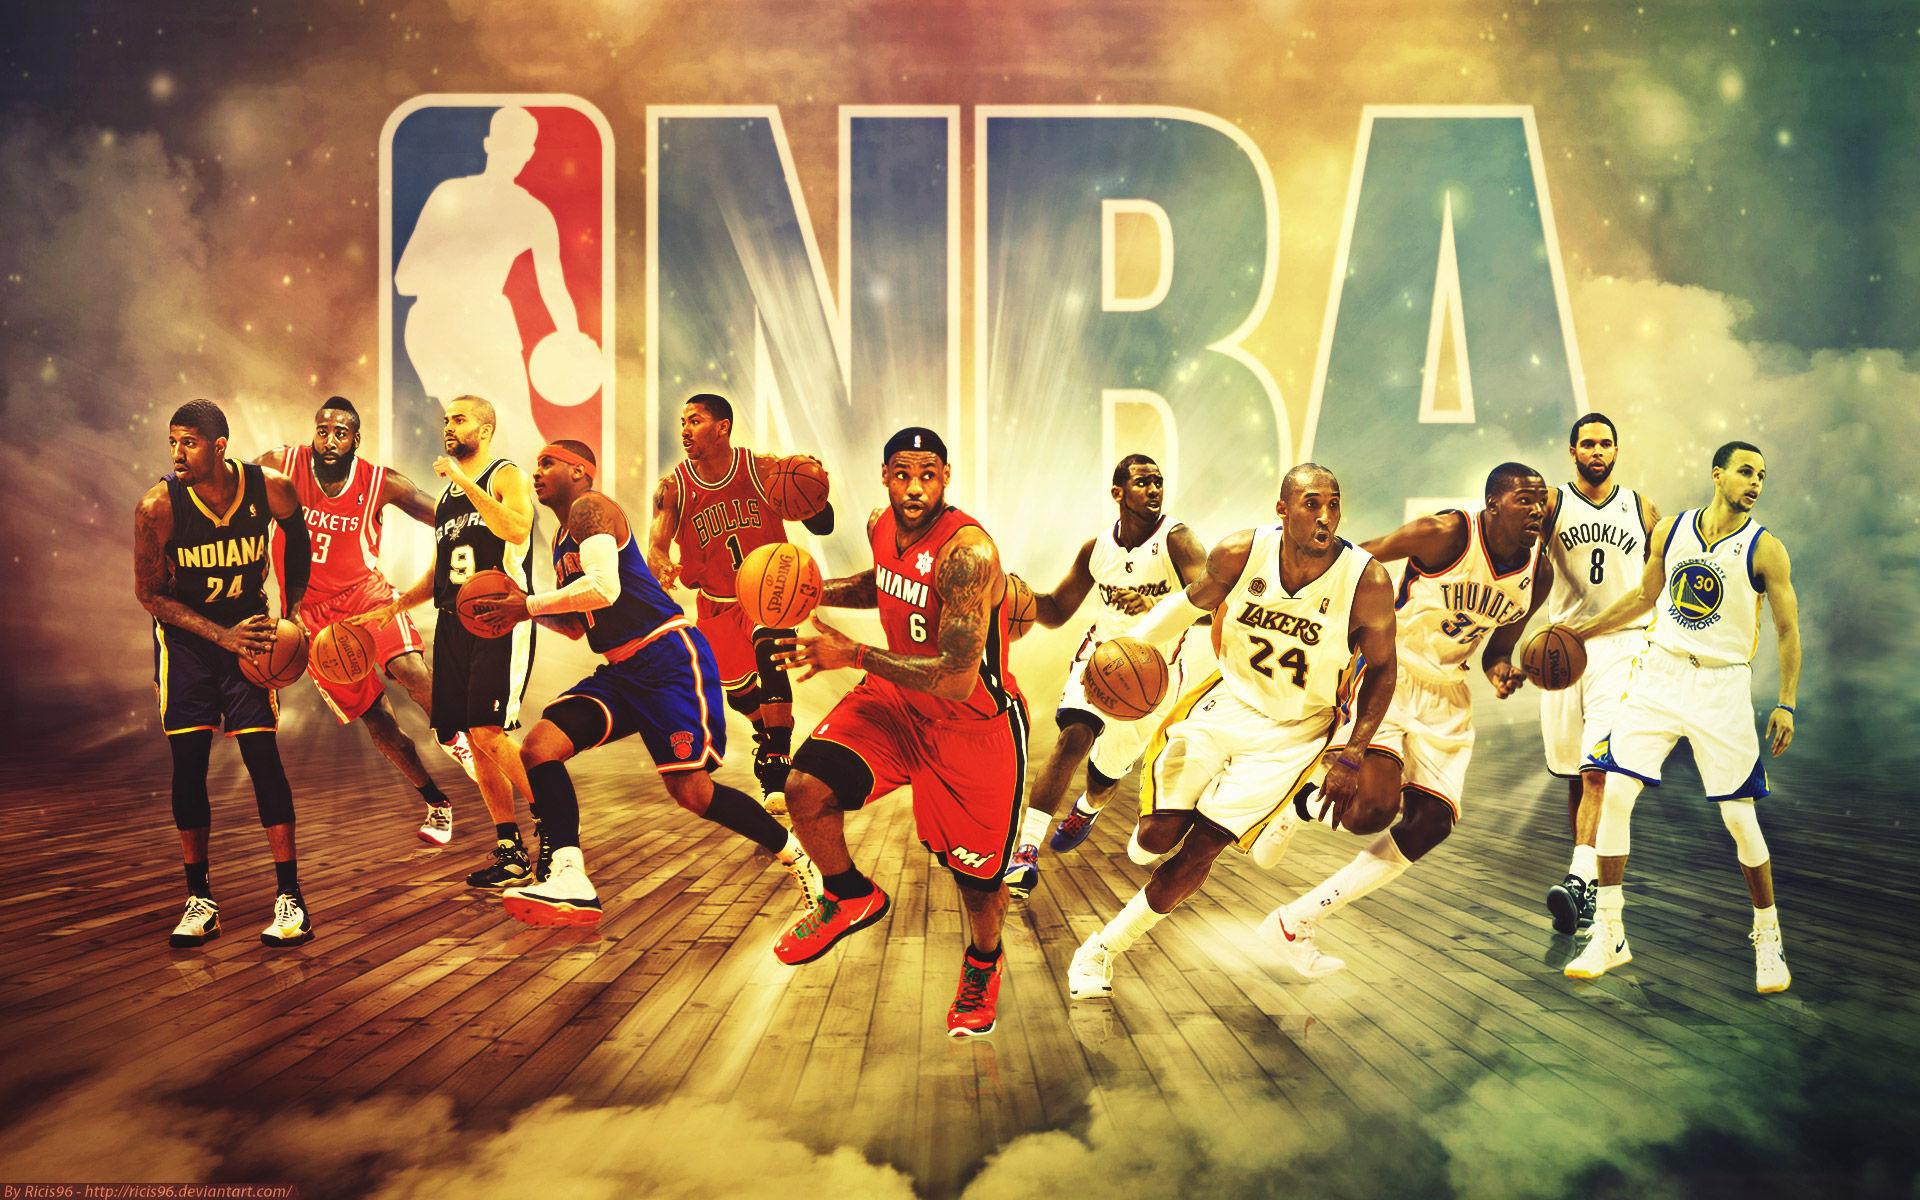 5731 - Conferencia Oeste de la NBA, ¿reconoces todos sus logos?